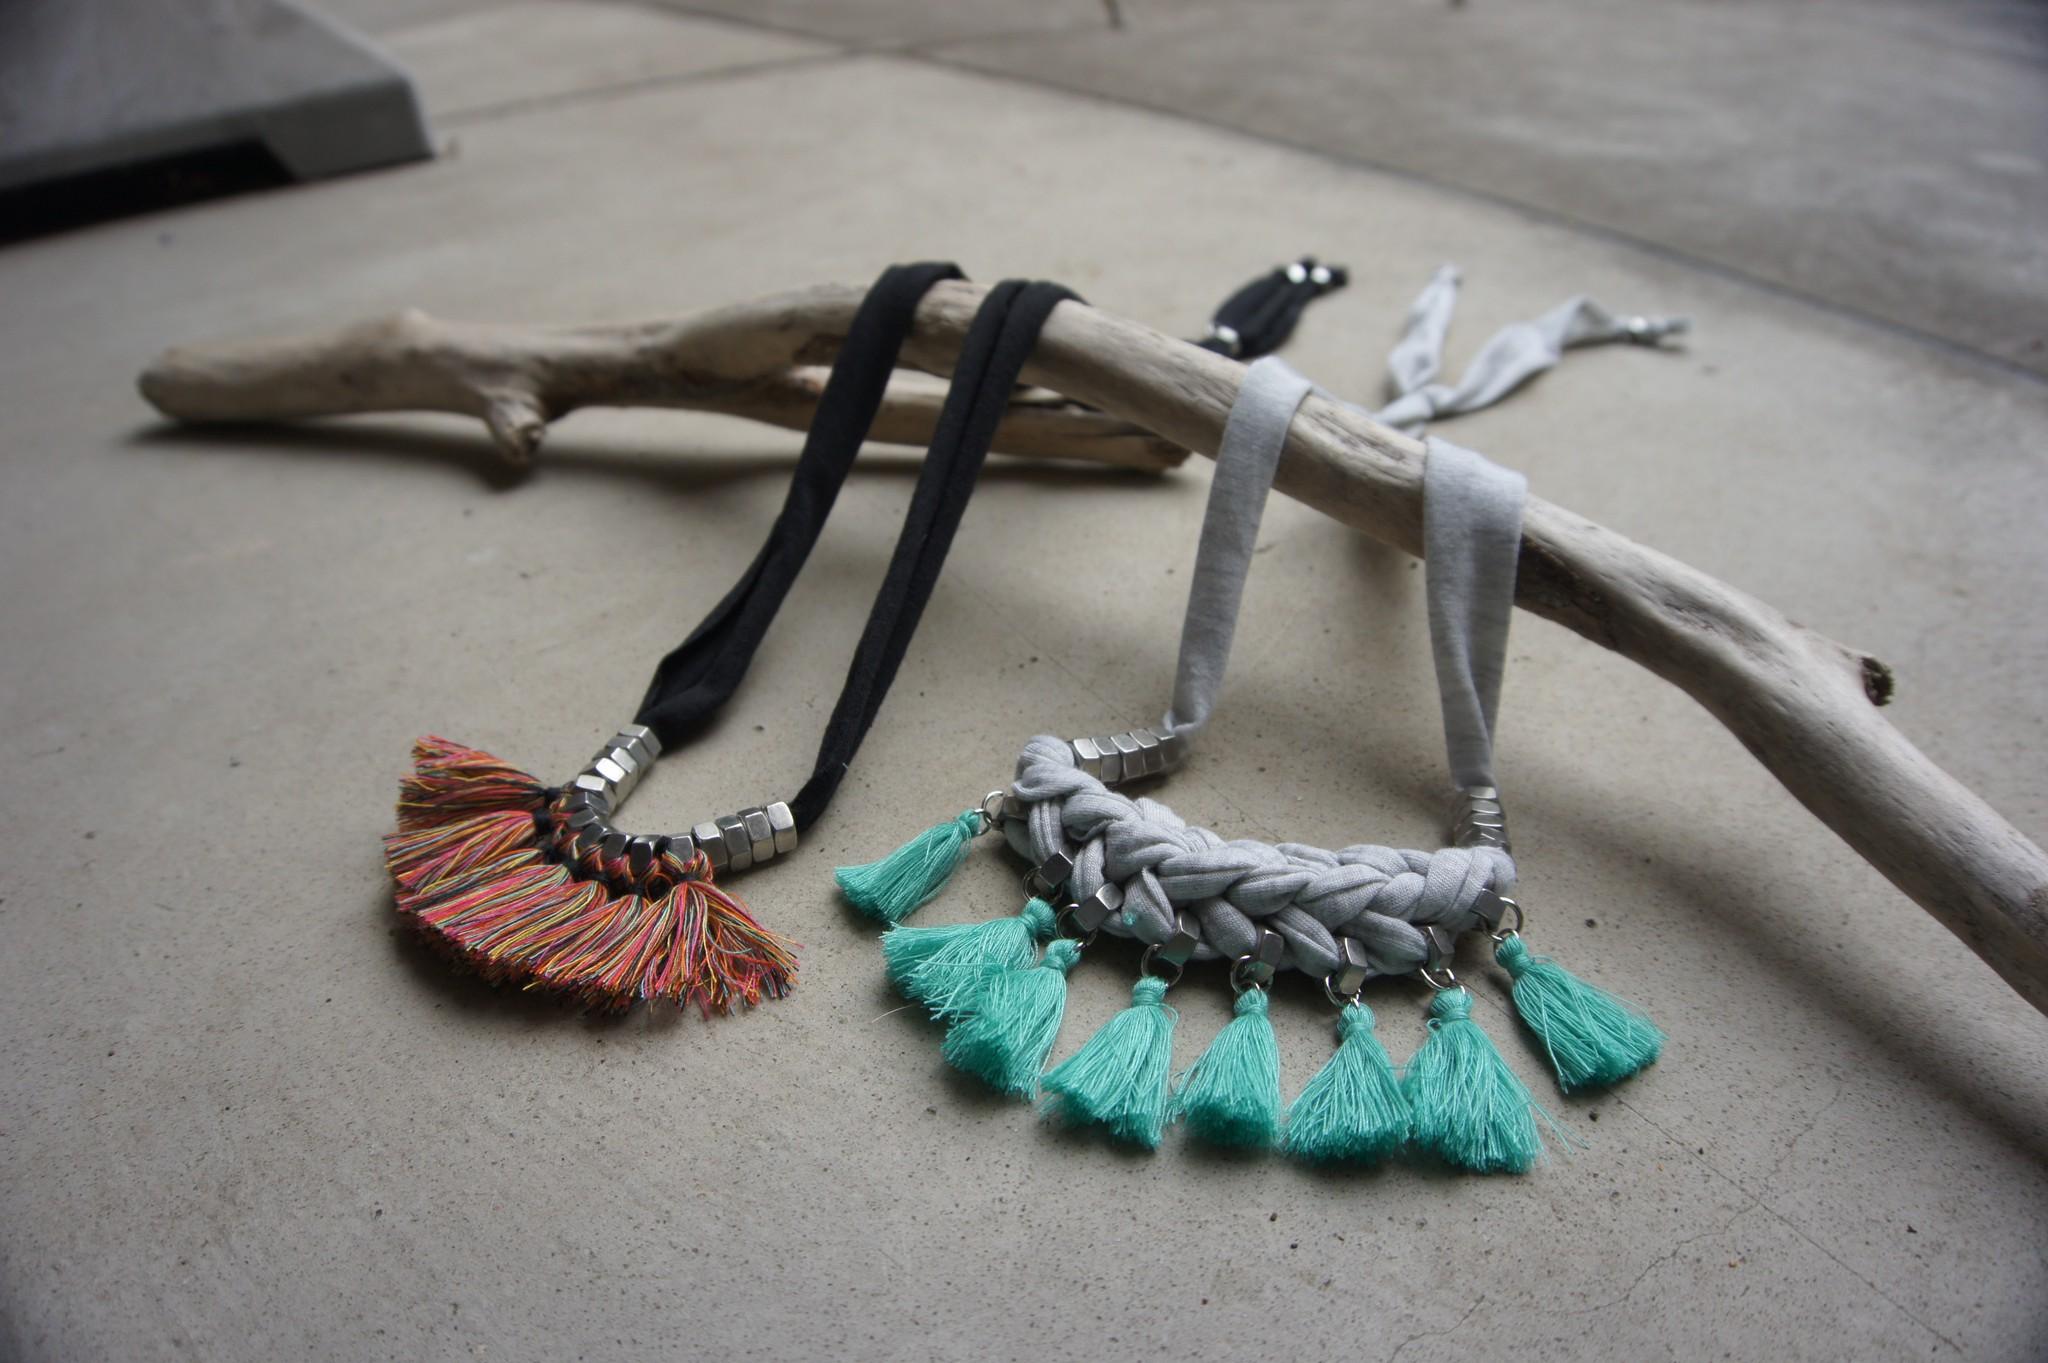 タッセルとスウェット生地で作られたネックレスをご紹介